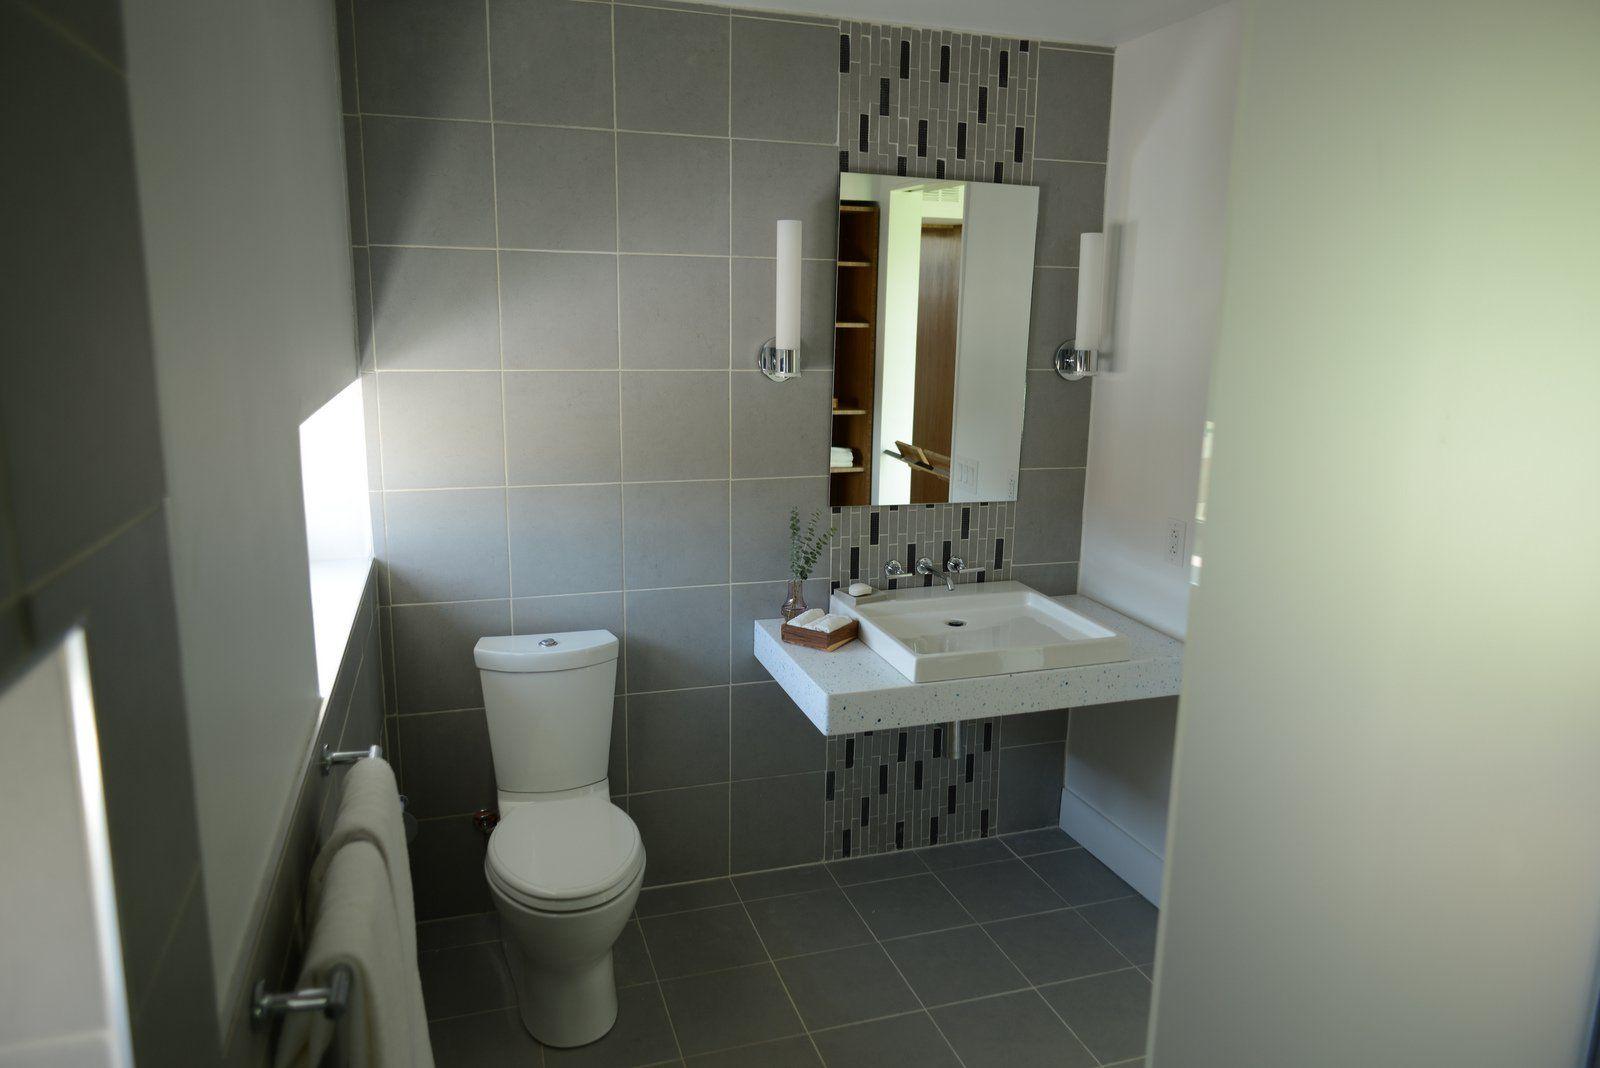 Ideas Baños Pequenos Decoracion:Cómo decorar baños pequeños | Baño ...